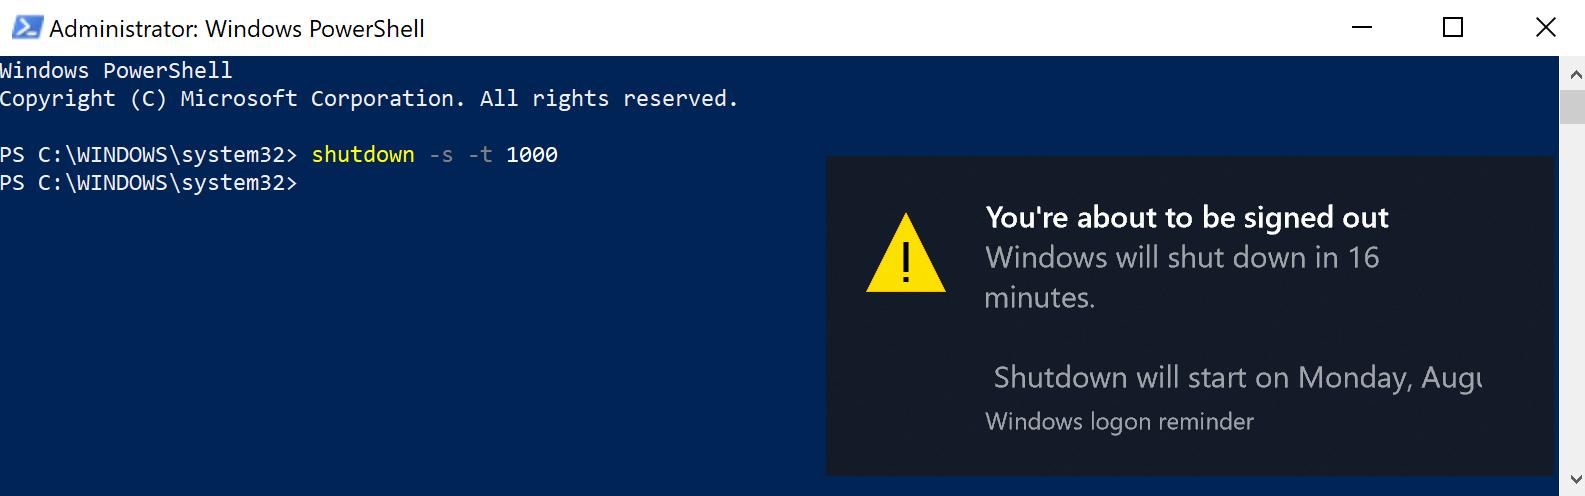 Sử dụng Window PowerShell (Admin) để hẹn giờ tắt máy tính, laptop Windows 10 1